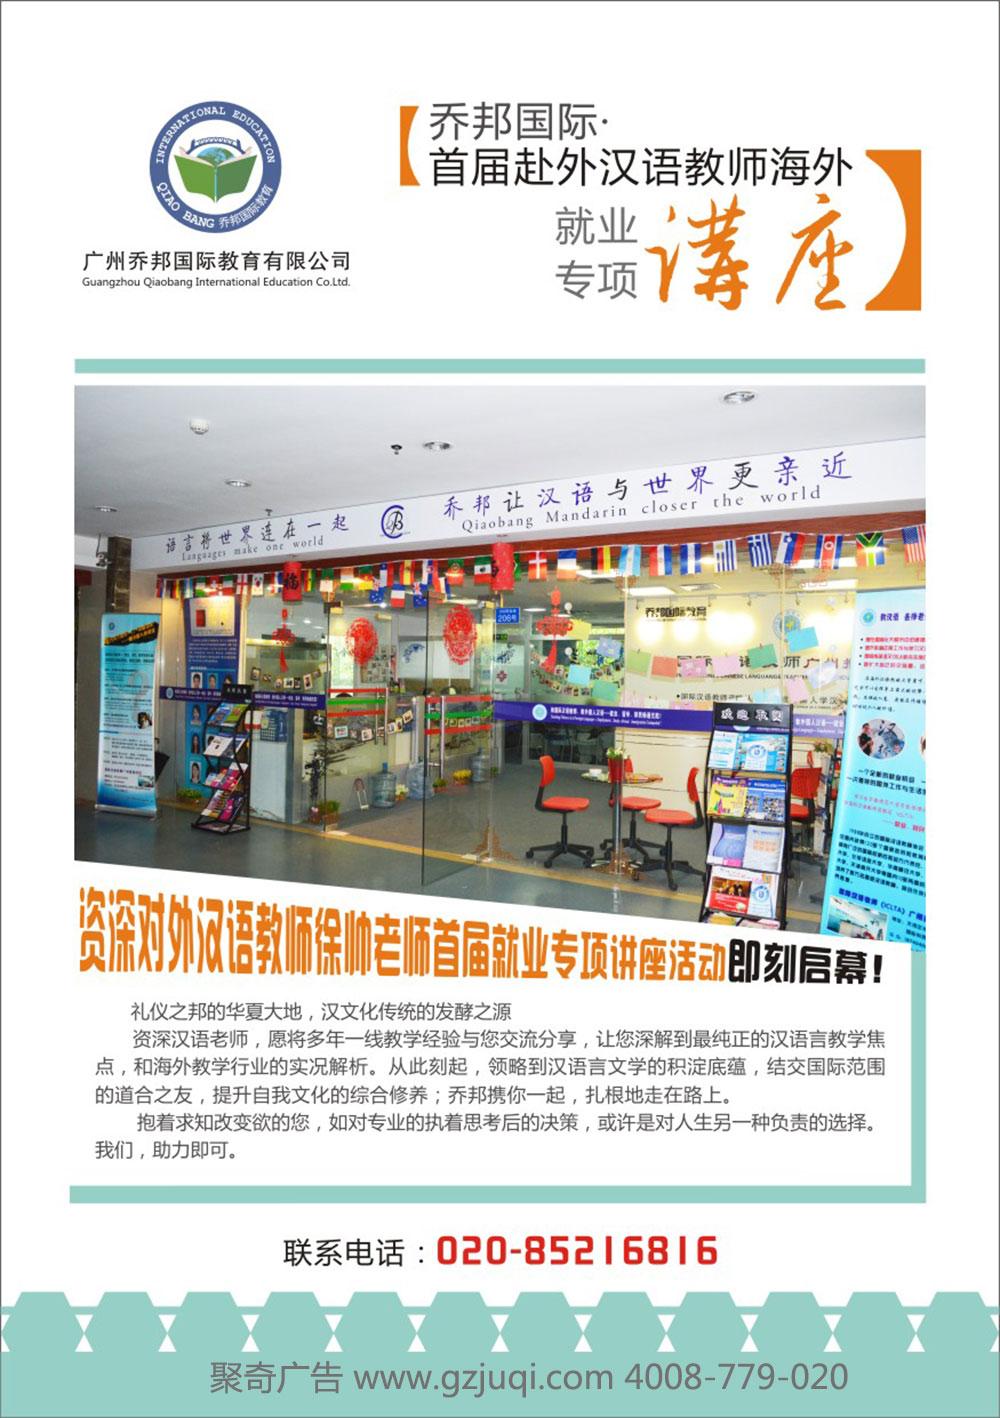 我们联合北京大学,北京语言大学和华南师范大学的